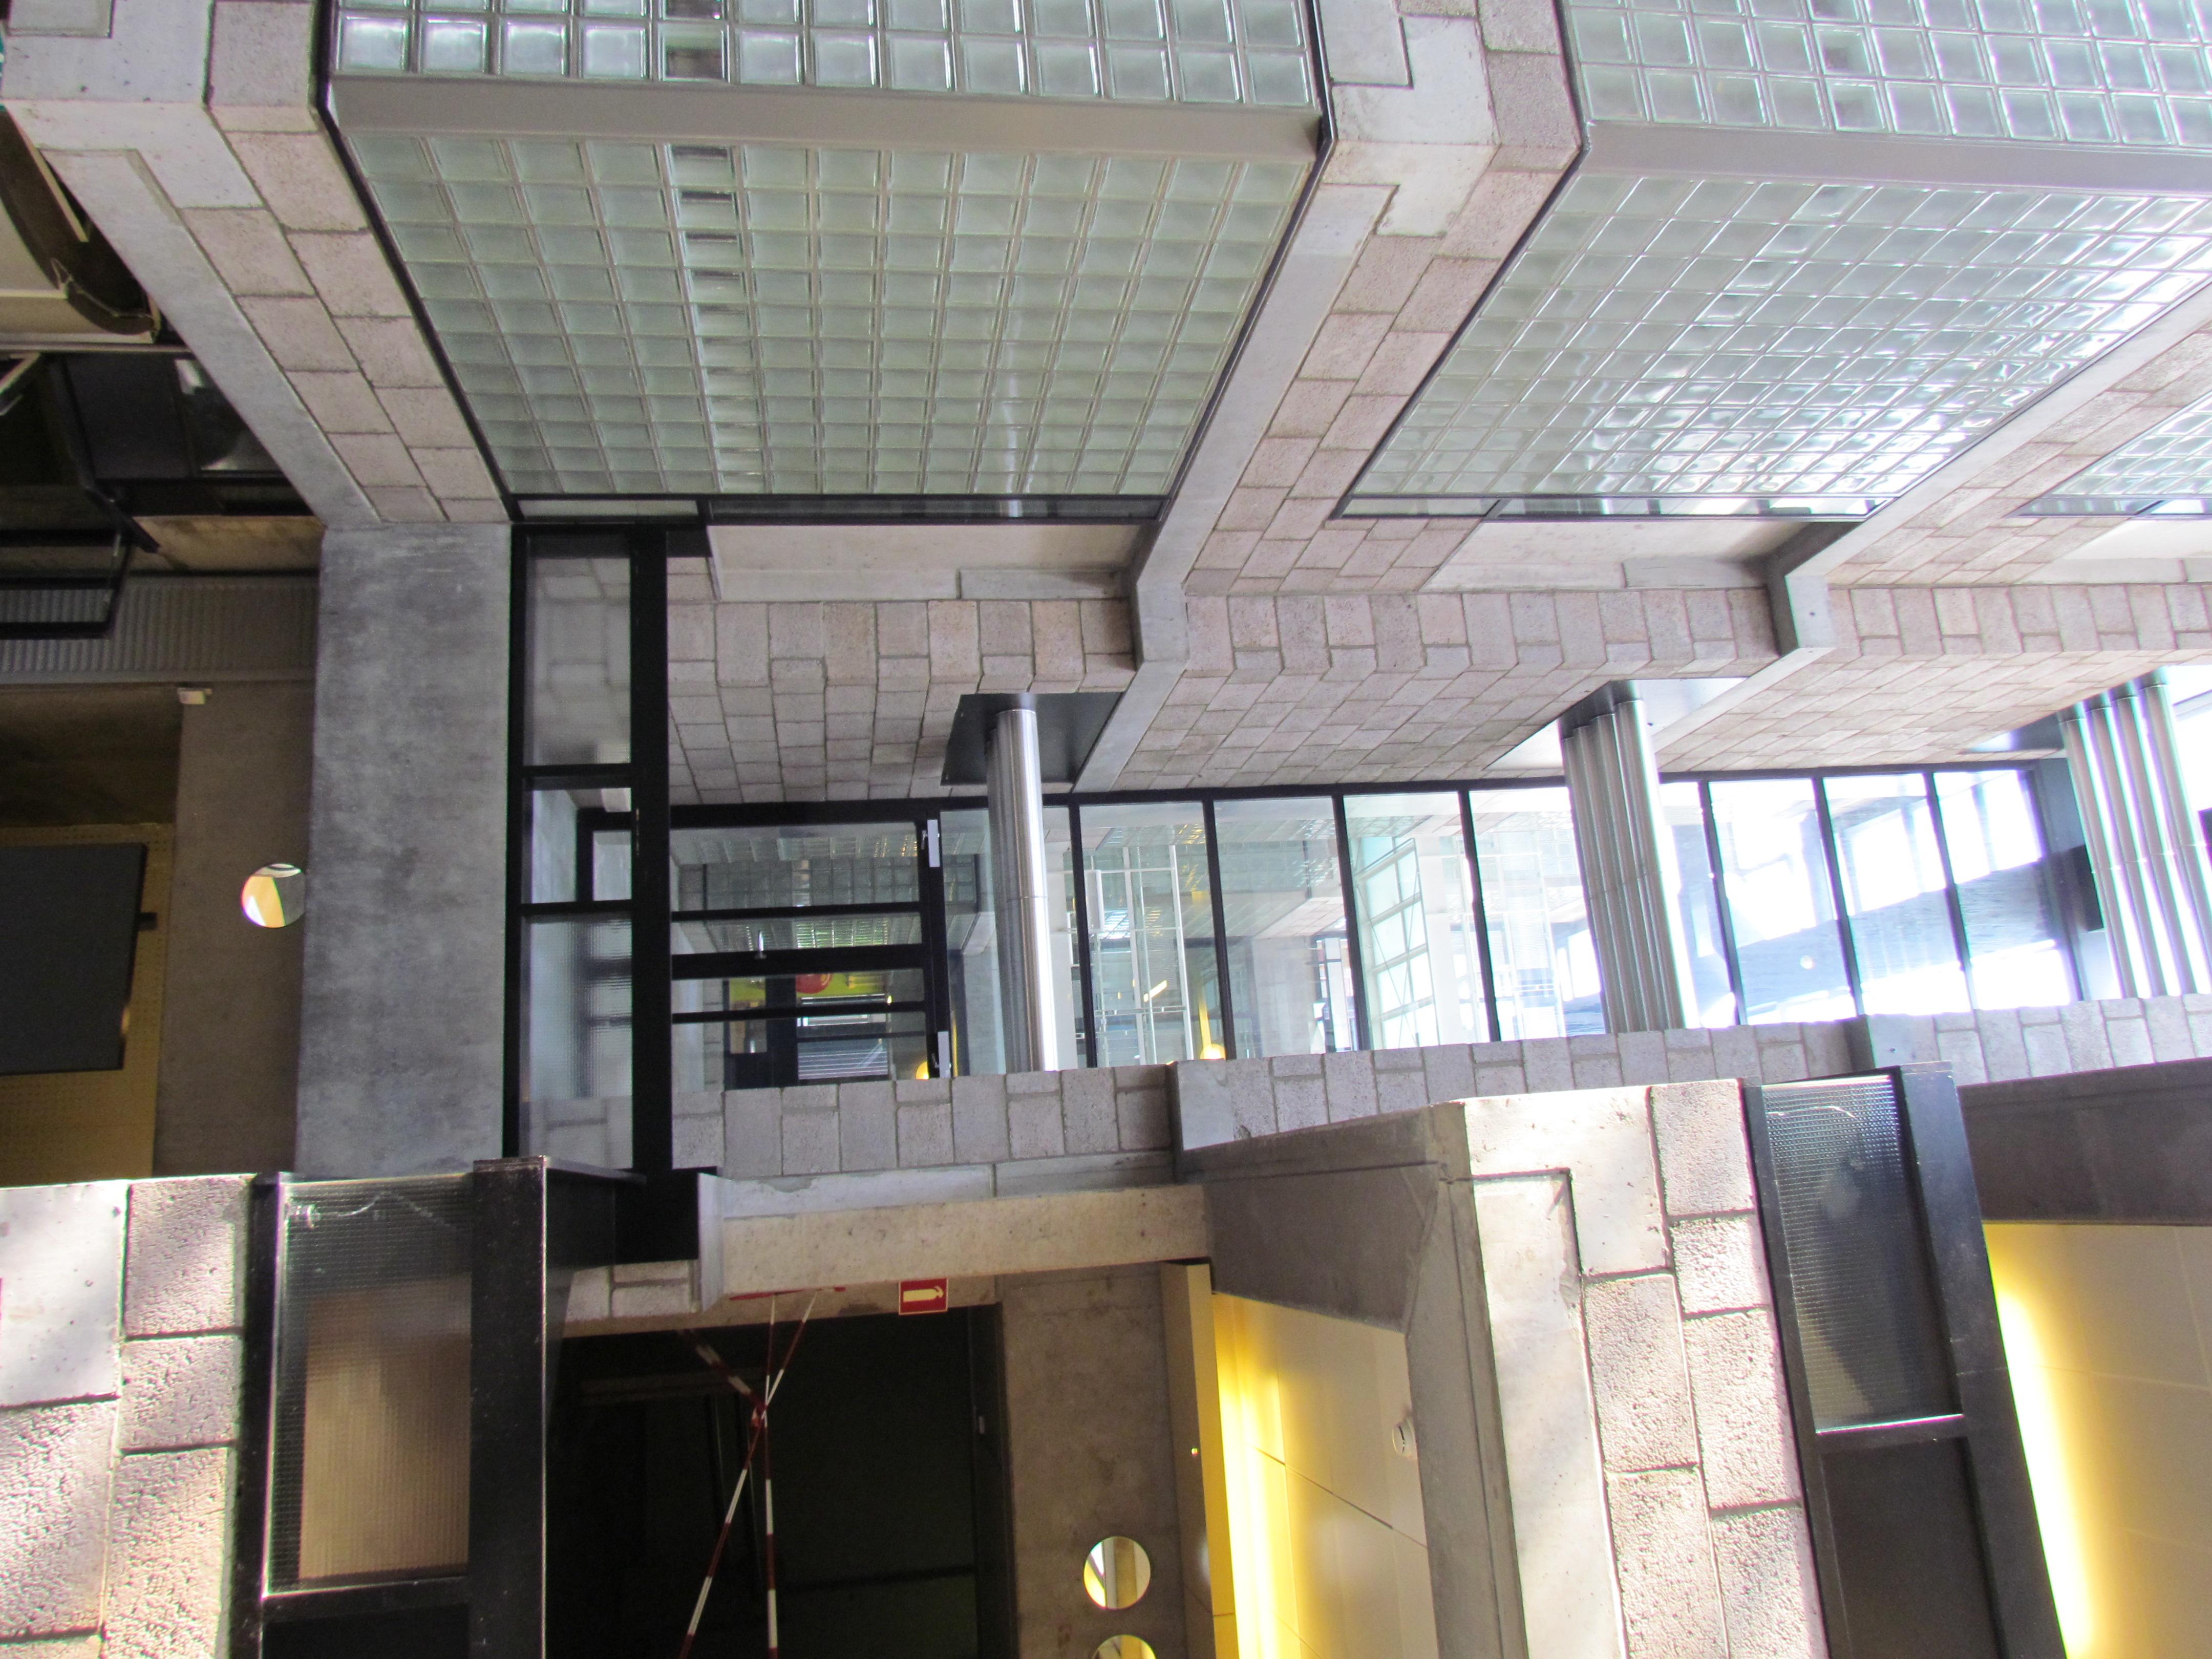 File:centraal beheergebouw van herman hertzberger interieur 4 .jpg